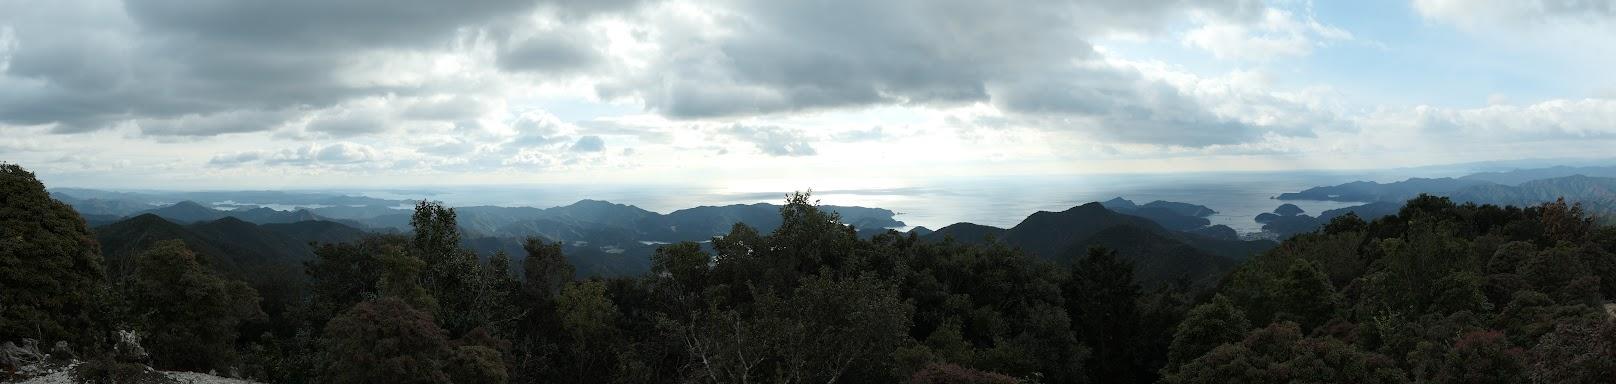 道方山からのパノラマ